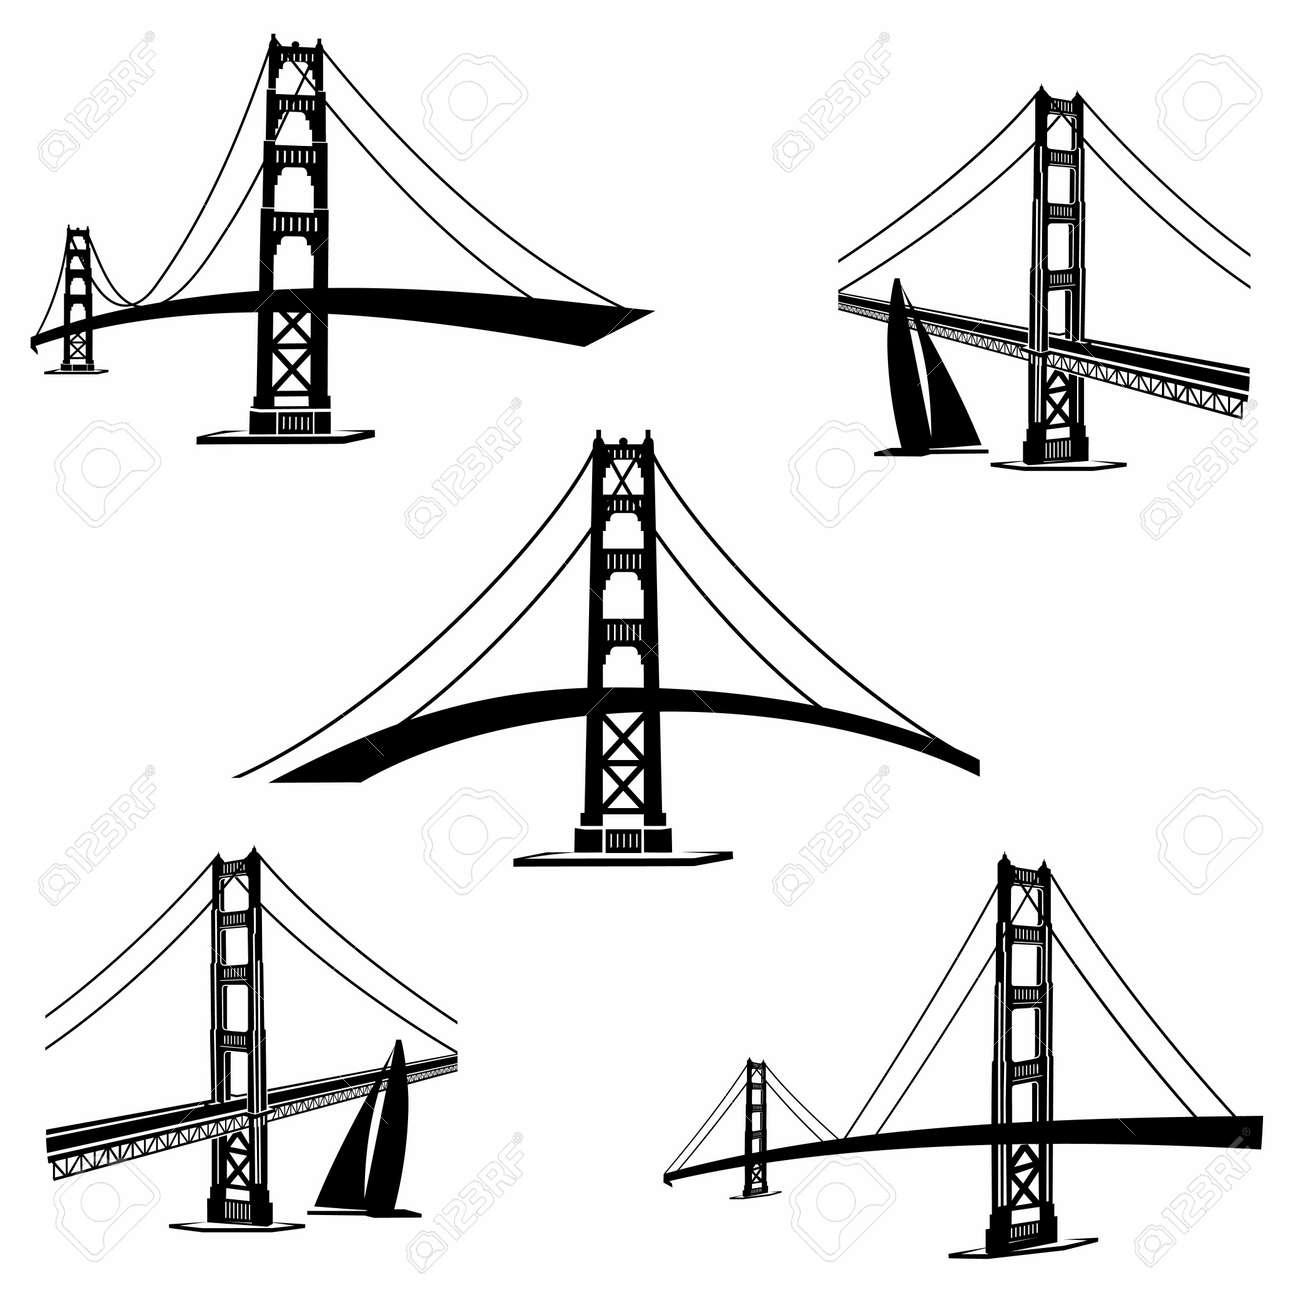 Golden Gate Bridge San Francisco - 47904279